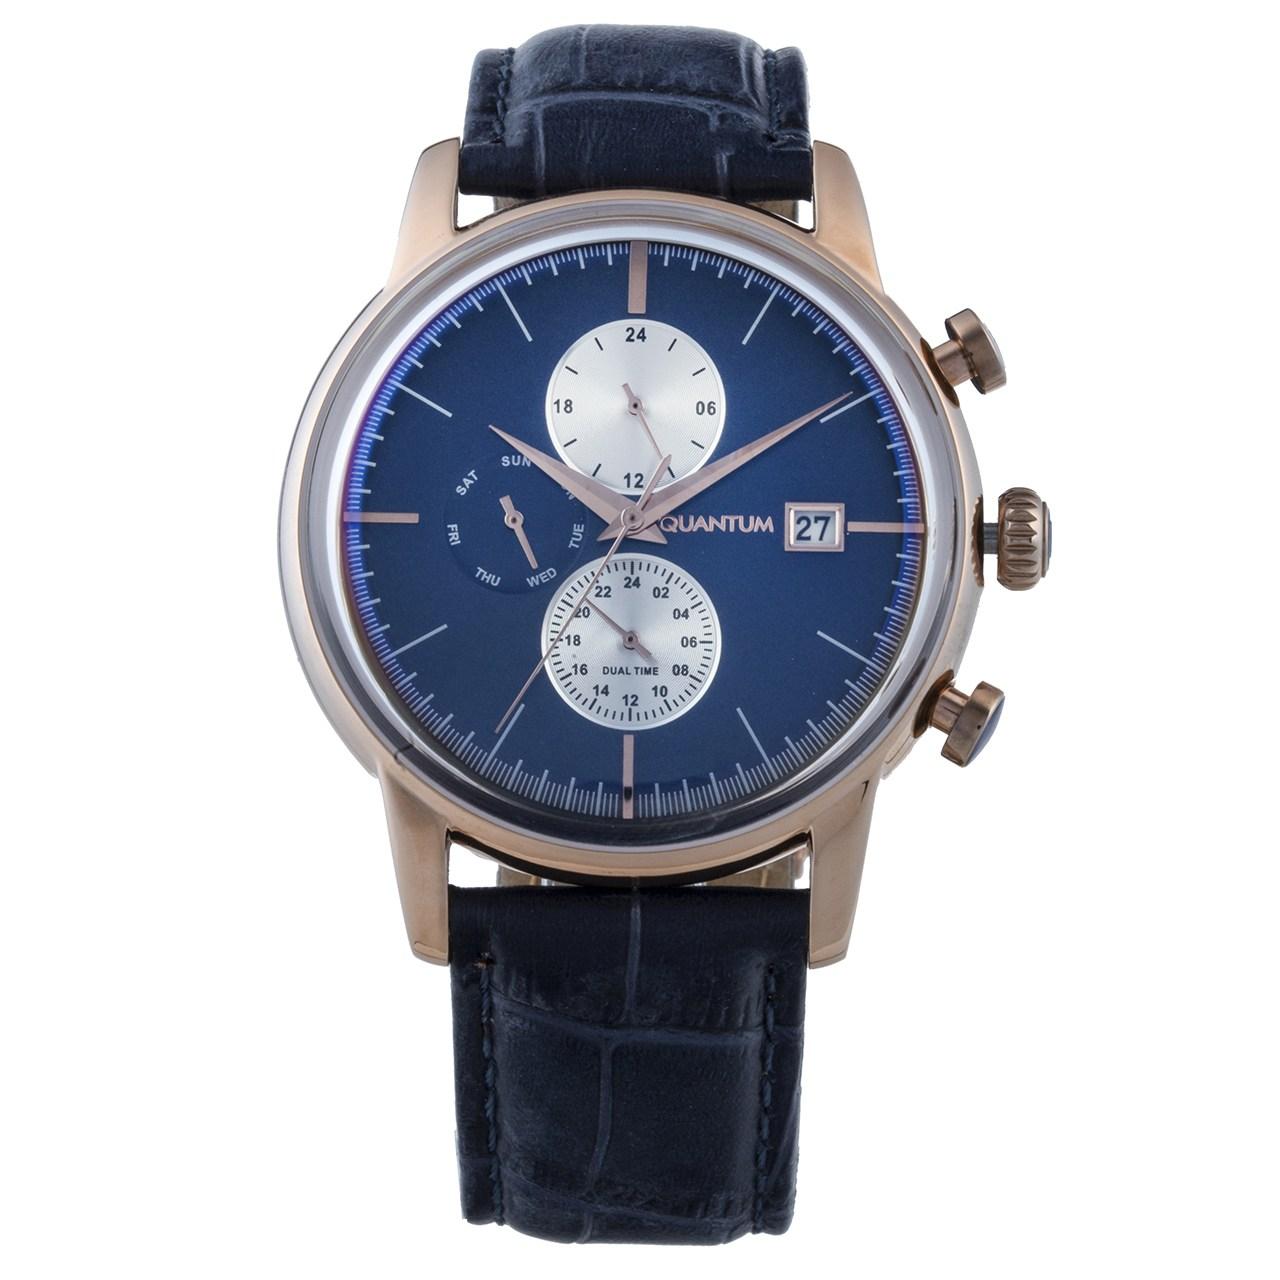 ساعت مچی عقربه ای مردانه کوانتوم مدل ADG614.499 38